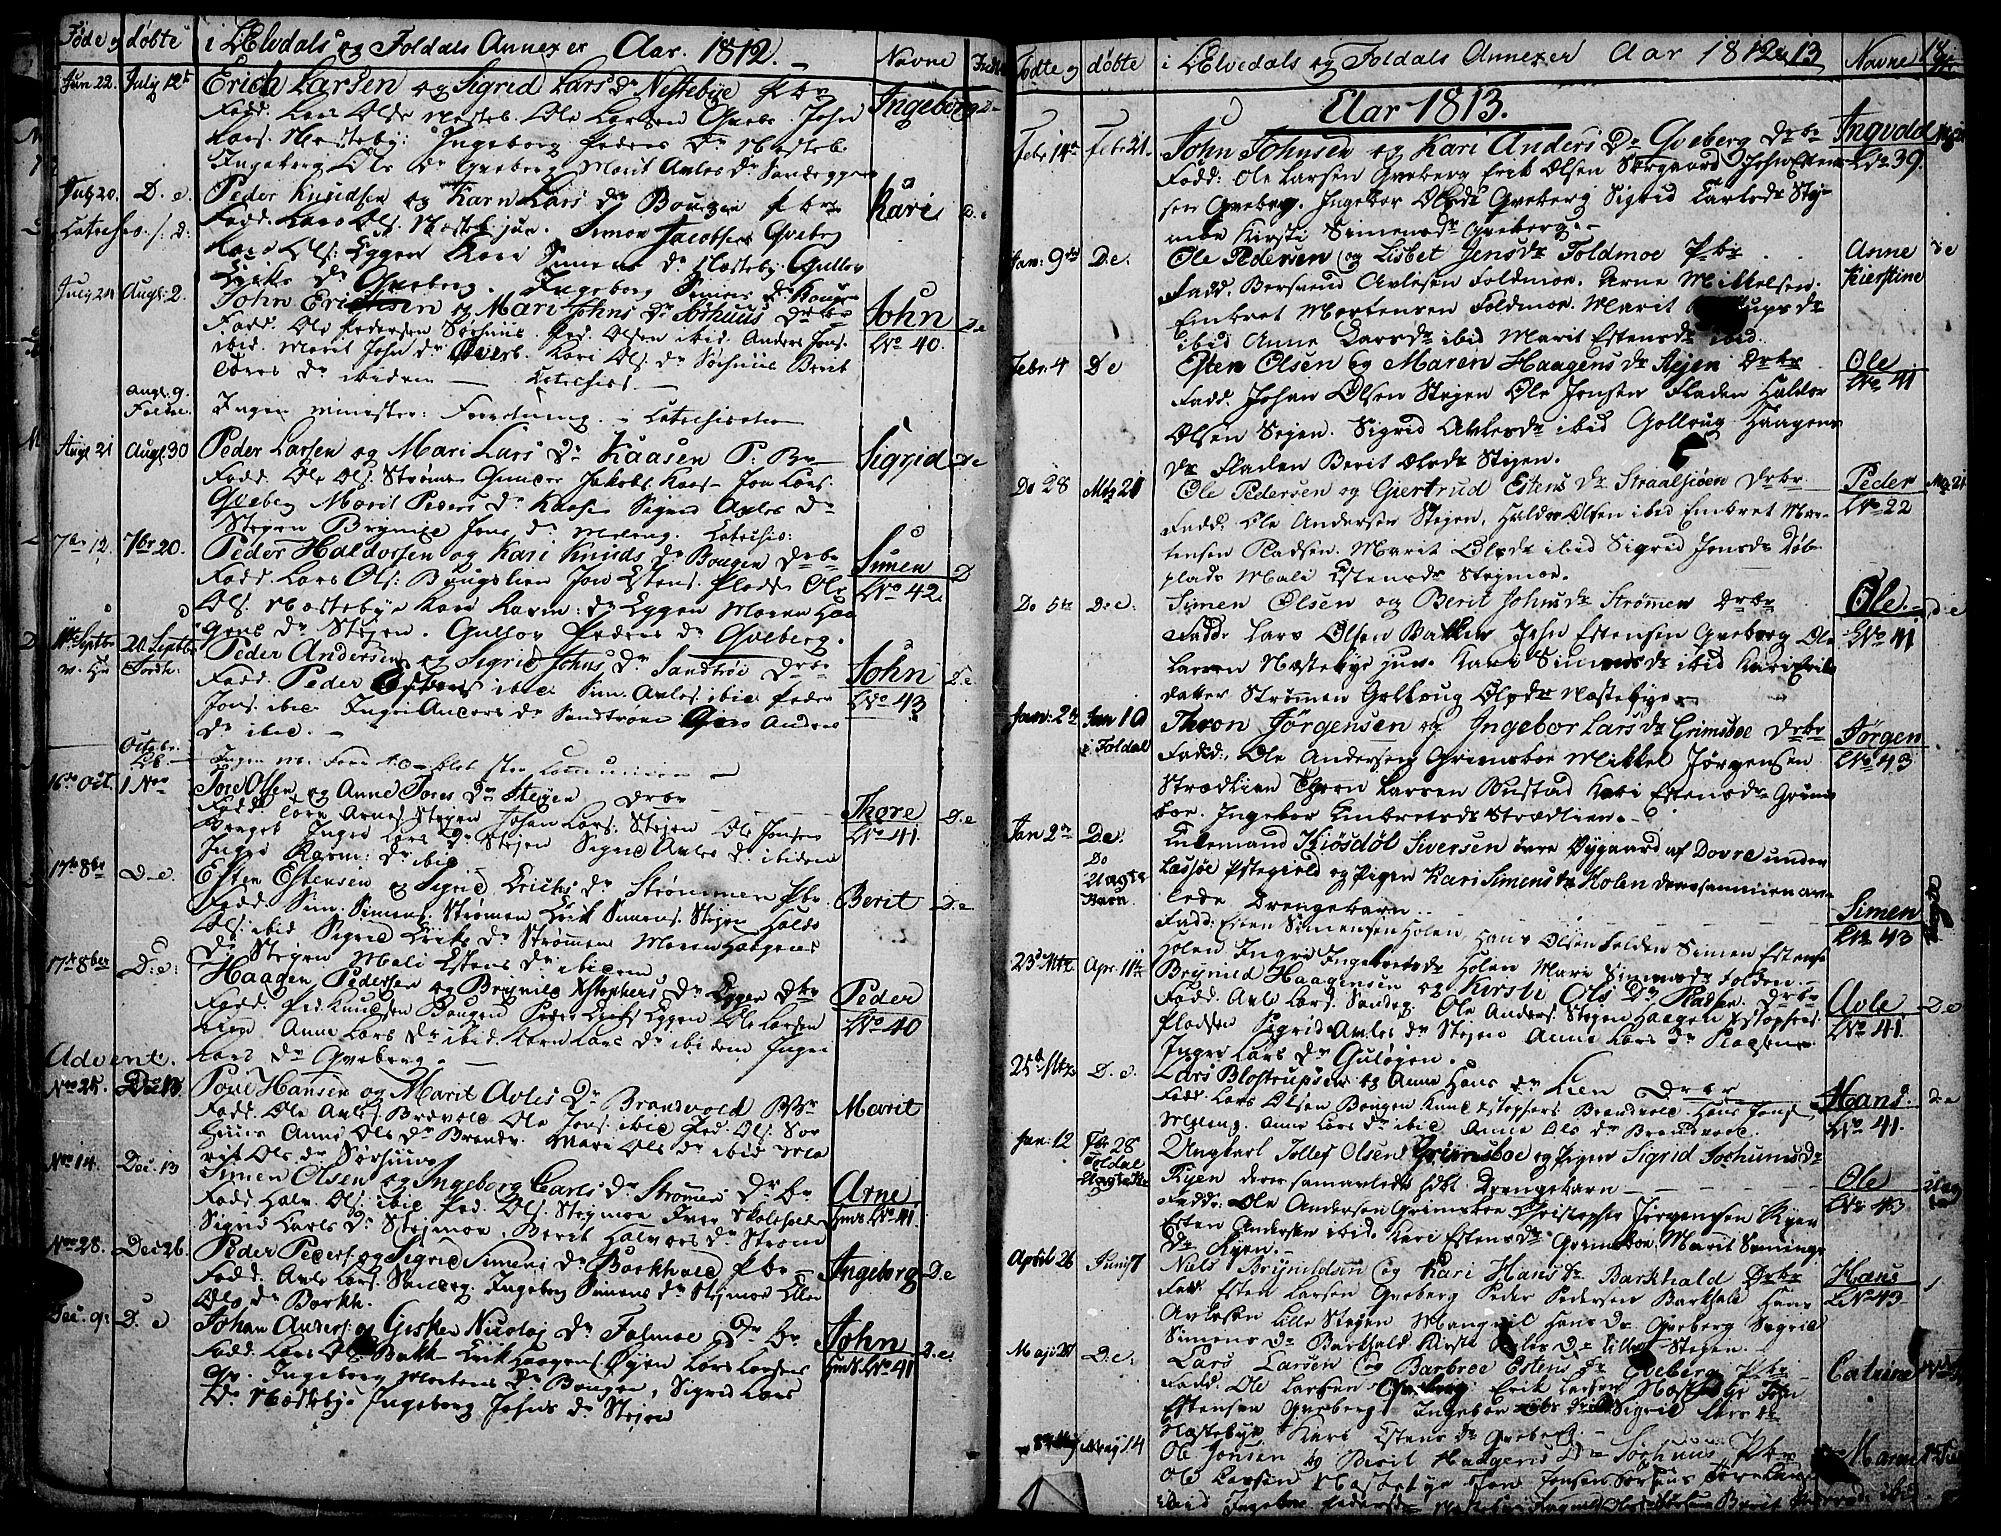 SAH, Tynset prestekontor, Parish register (official) no. 16, 1801-1814, p. 18